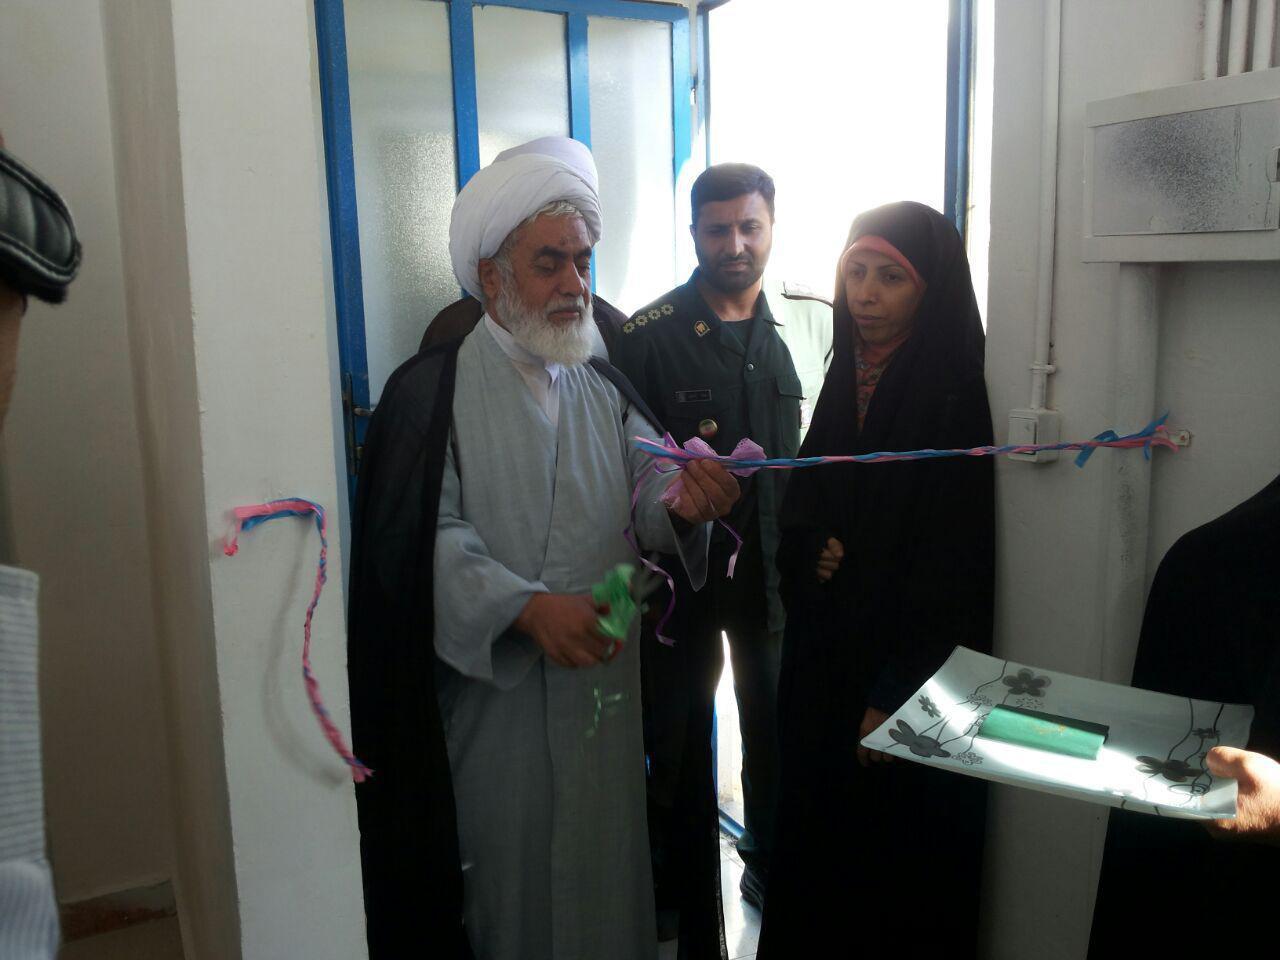 افتتاح کارگاه خیاطی توسط خیمه گاه اهل بیت چهاردانگه